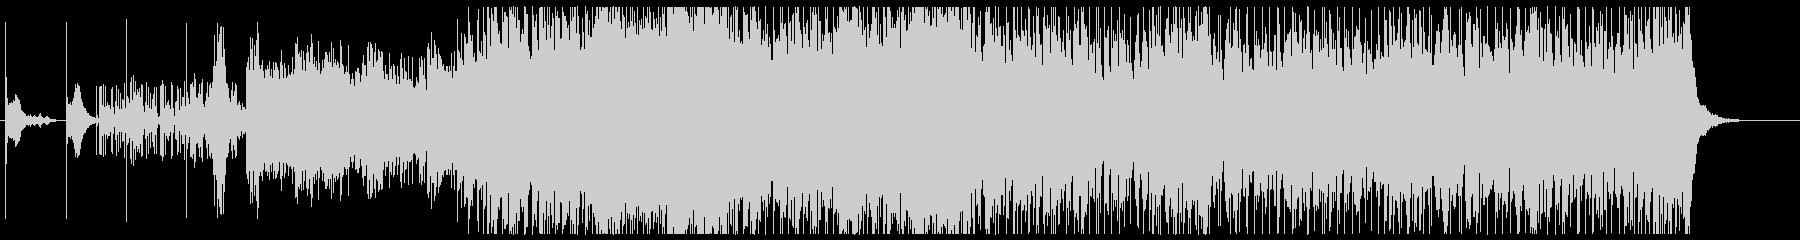 ダーク&クールなオーケストラロックの未再生の波形